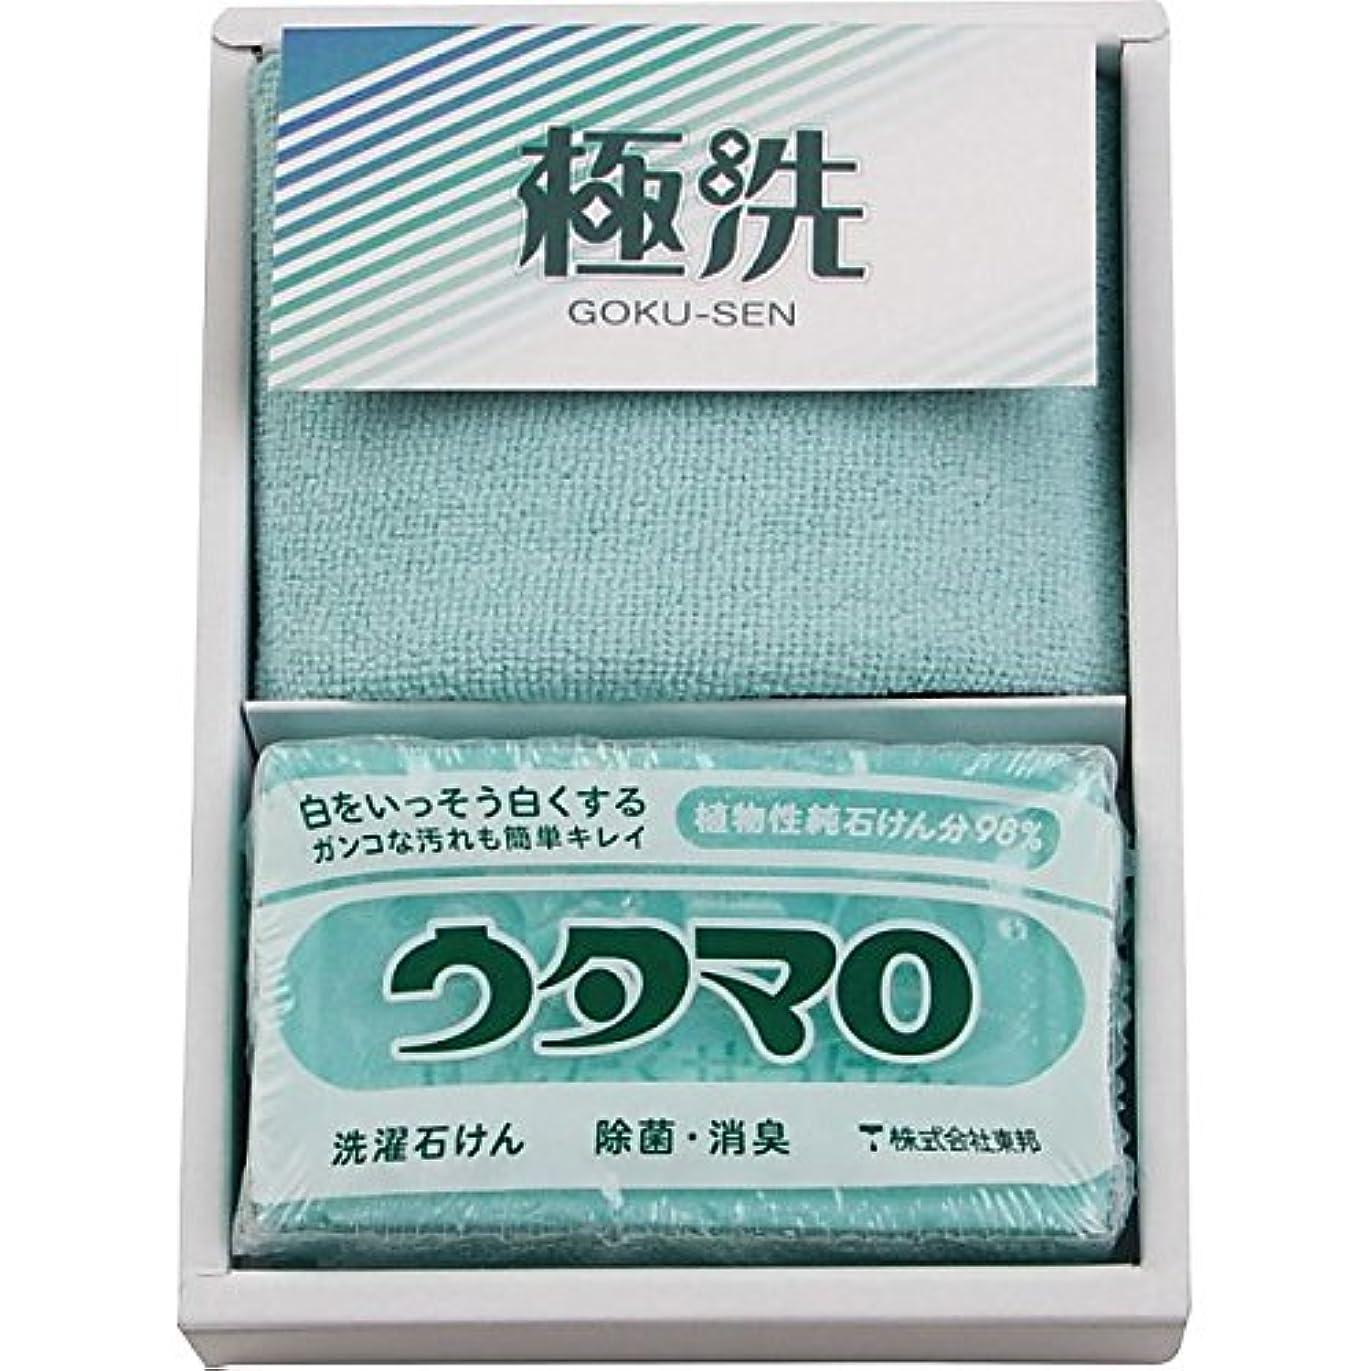 トレース飾り羽右(ウタマロ) 石鹸セット (835-1053r)